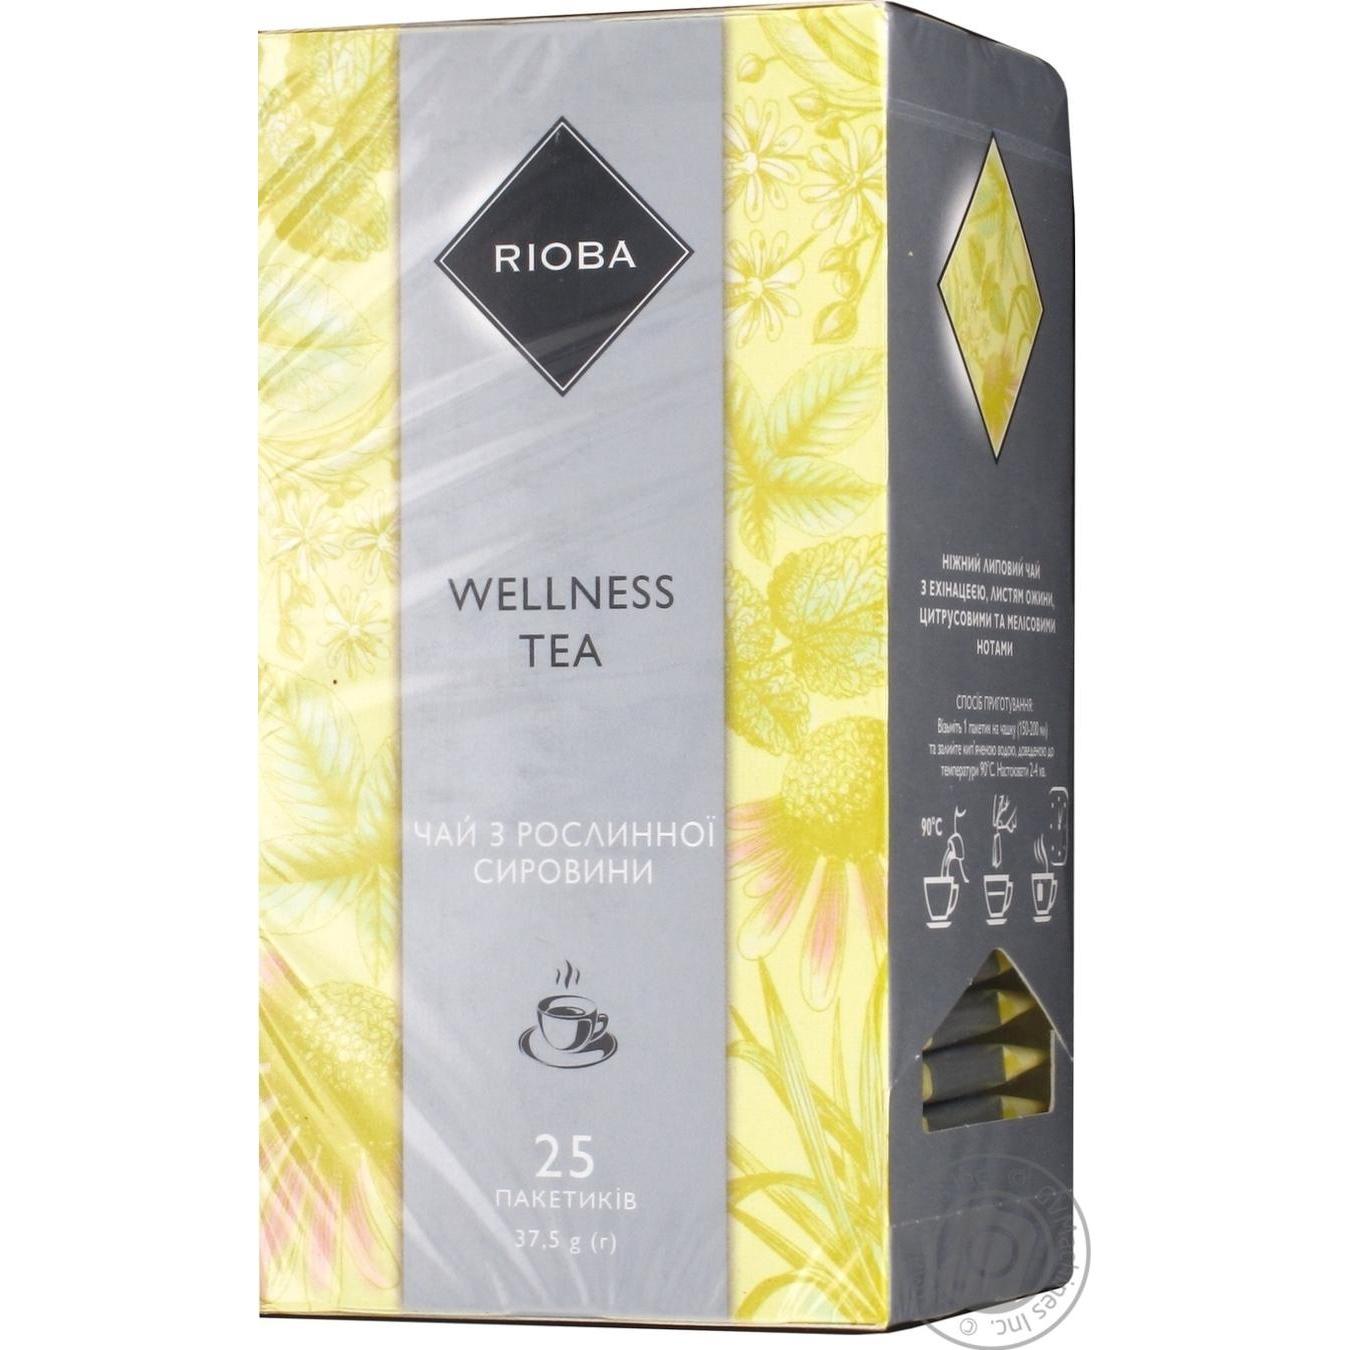 Купить Чай Rioba Wellness трав'яний 25шт*1.5г